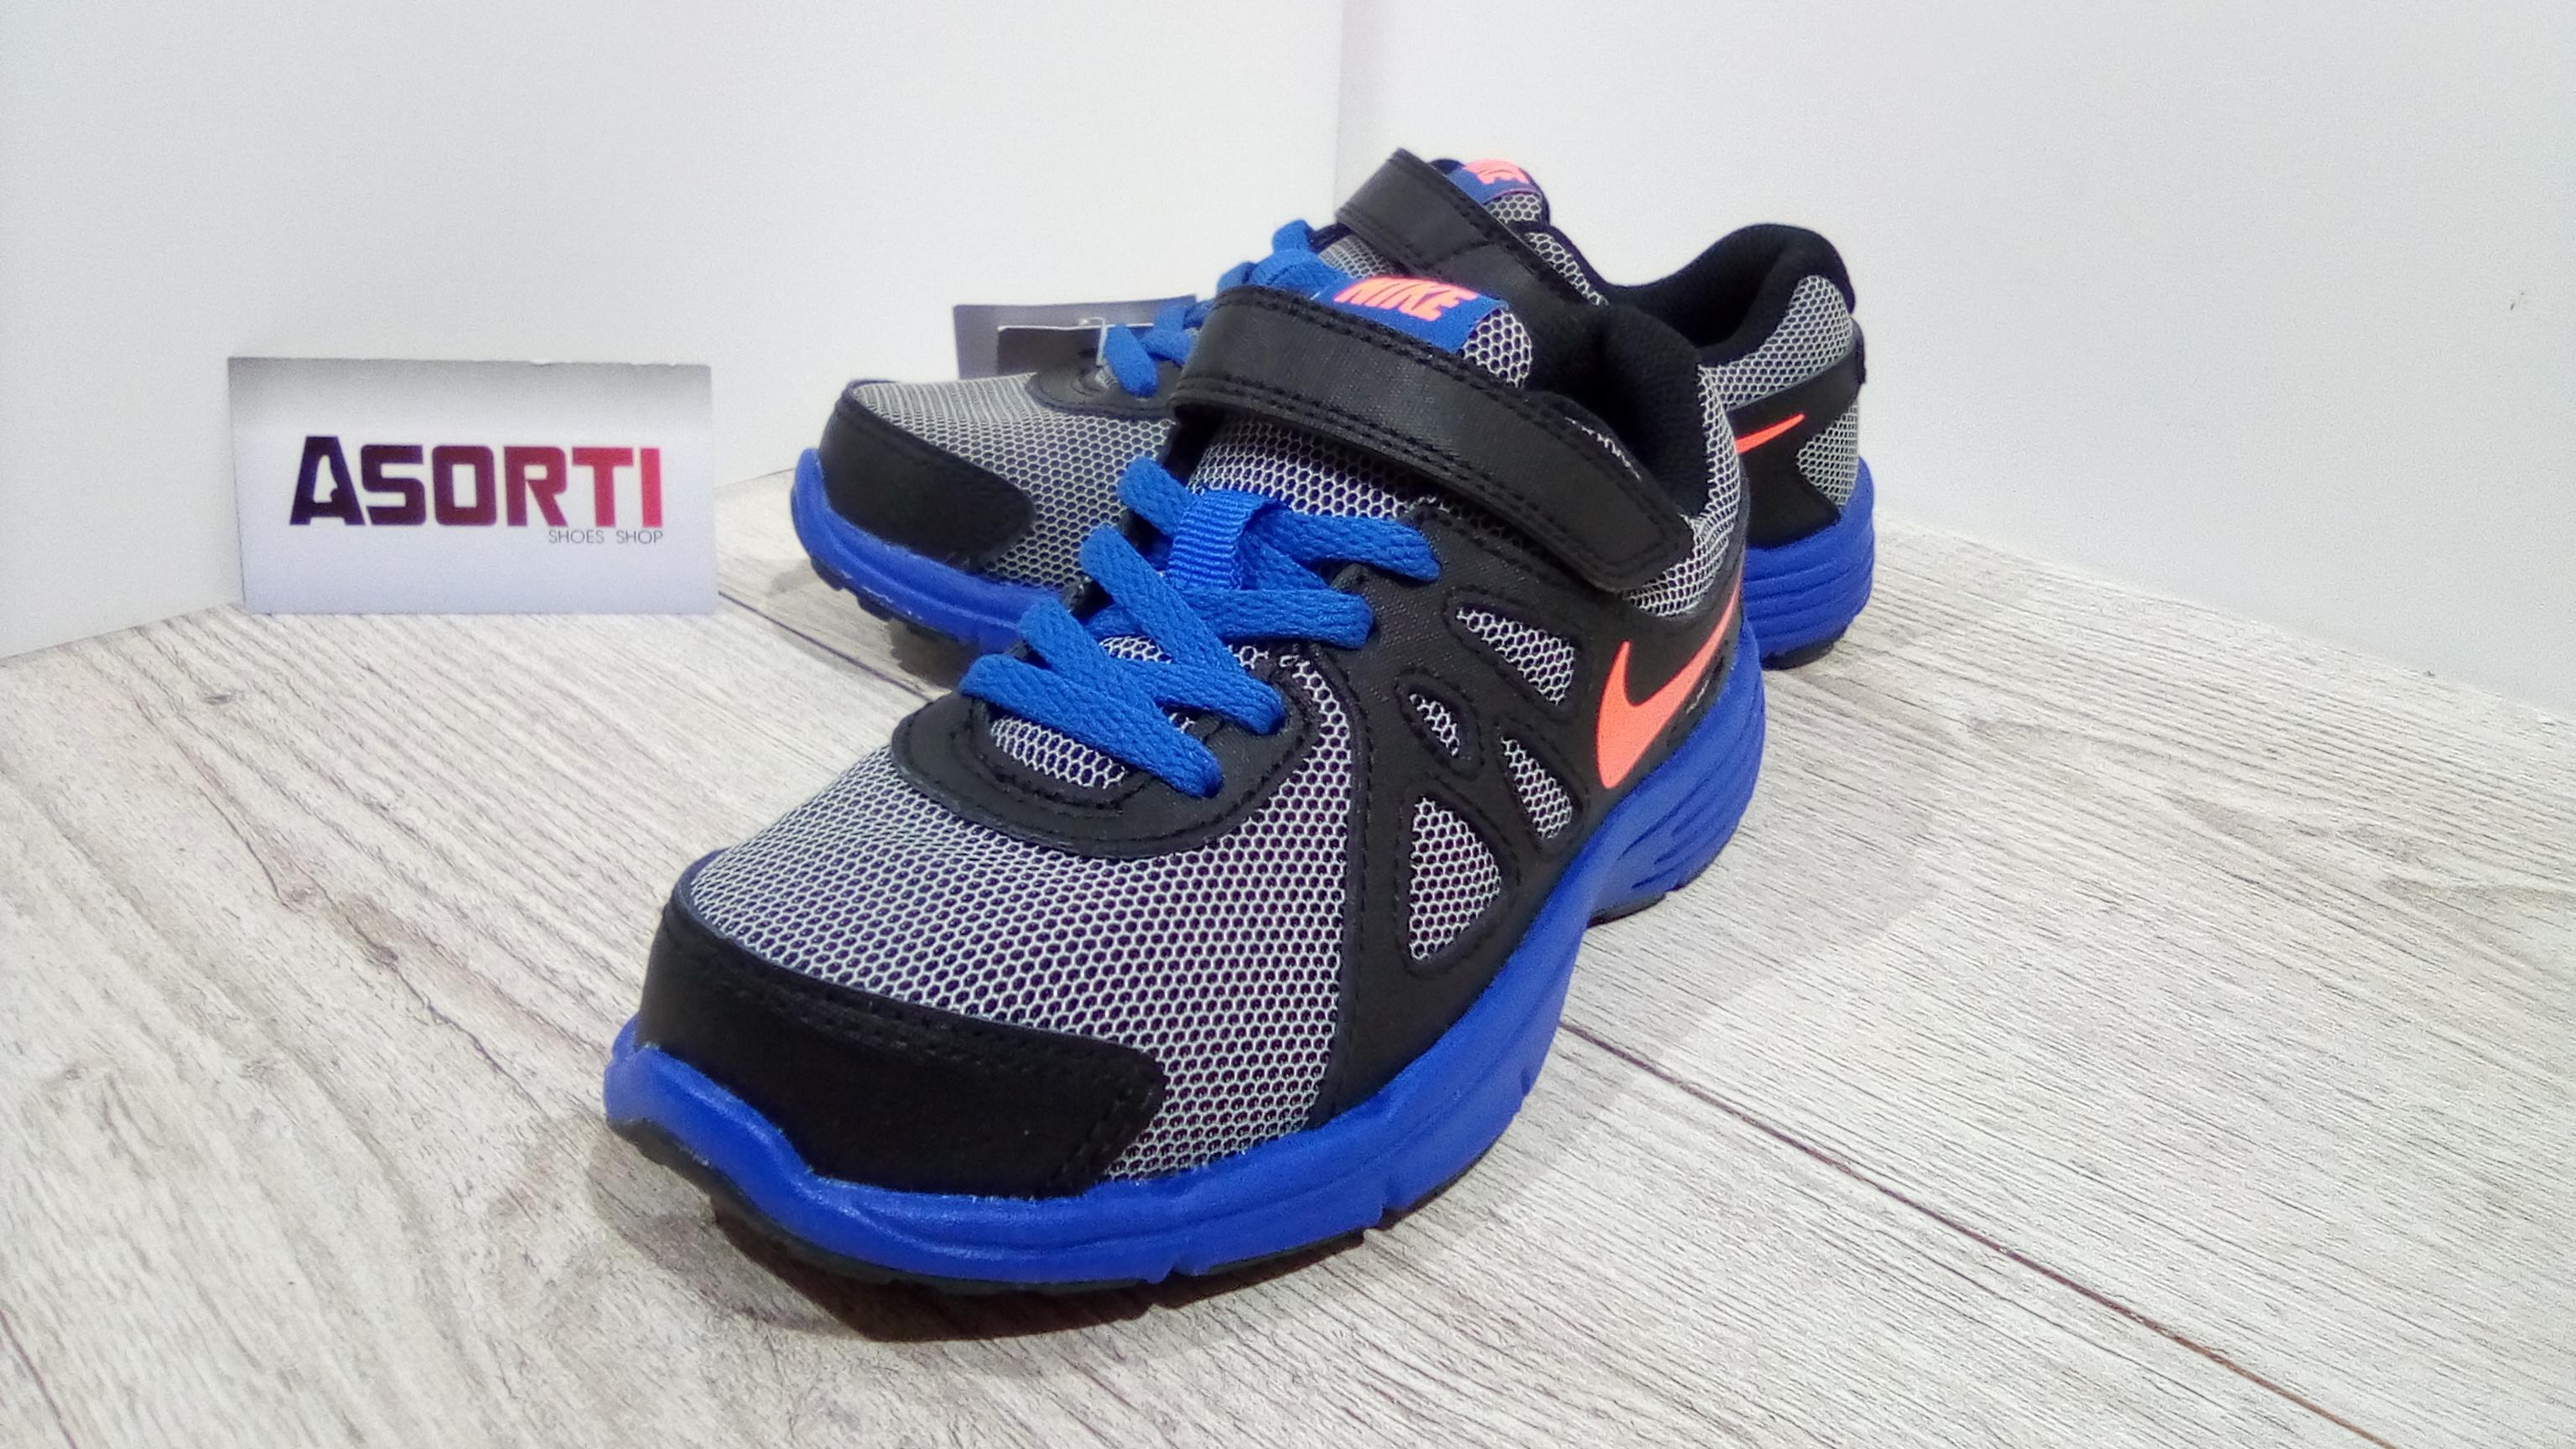 111e8b25 Дитячі кросівки Nike Revolution 2 PSV (555083-101) сині/сірі/чорні ...